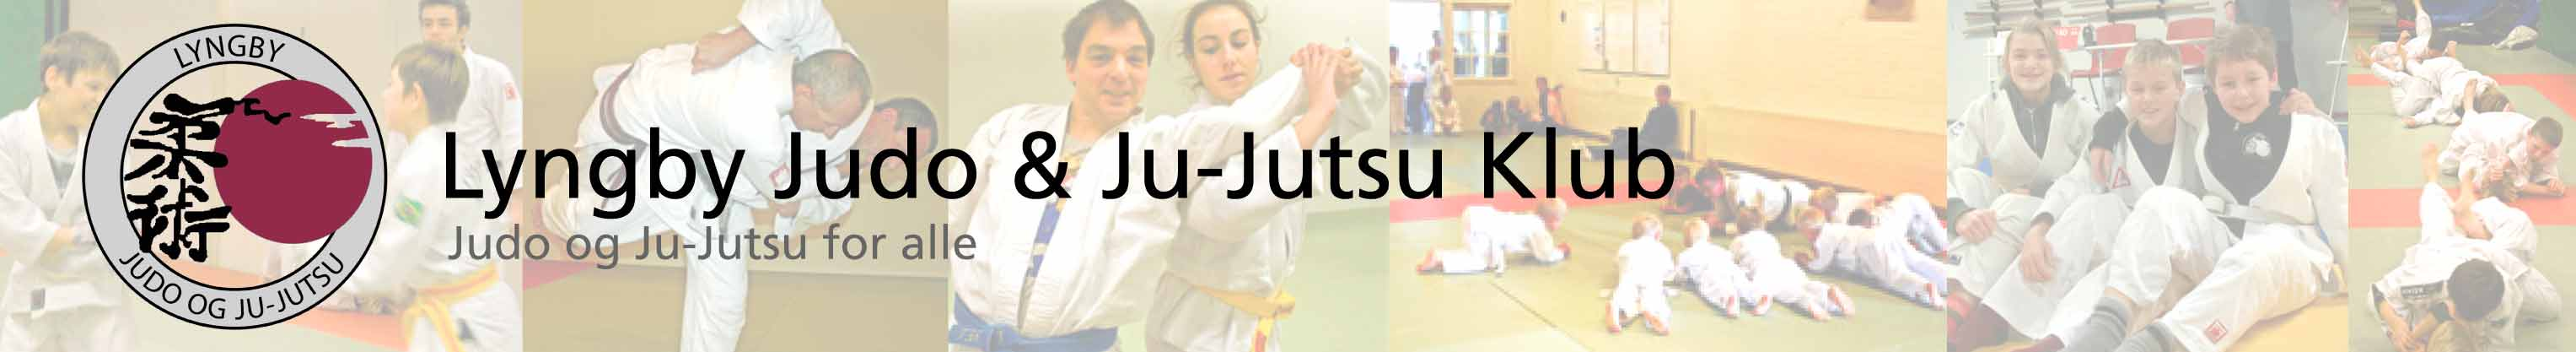 Lyngby Judo & Ju-Jutsu Klub